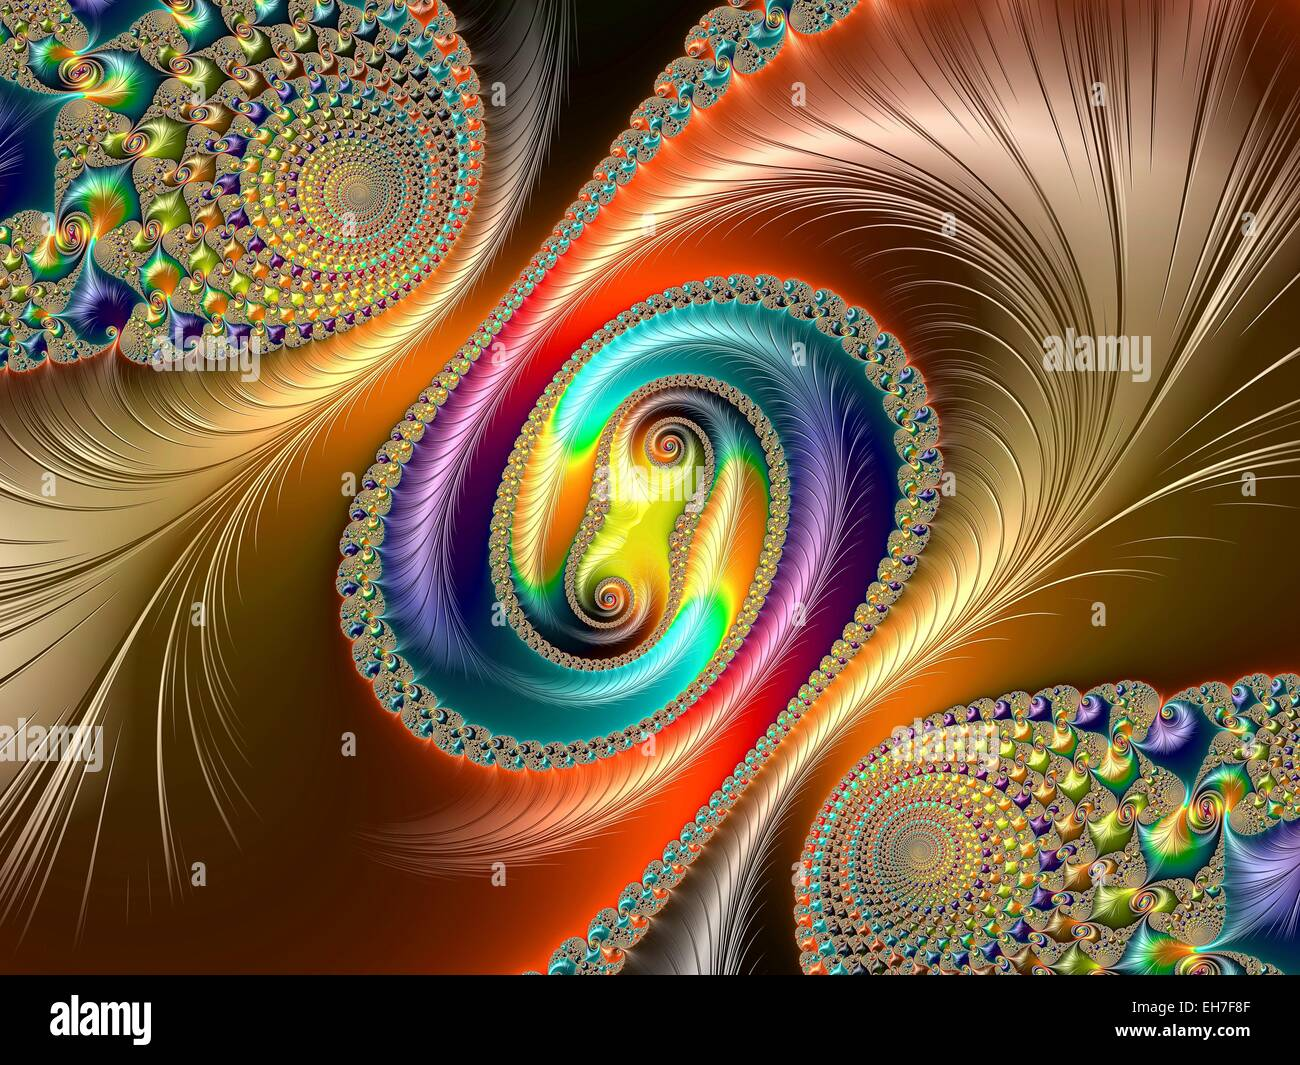 Julia-set fractal - Stock Image